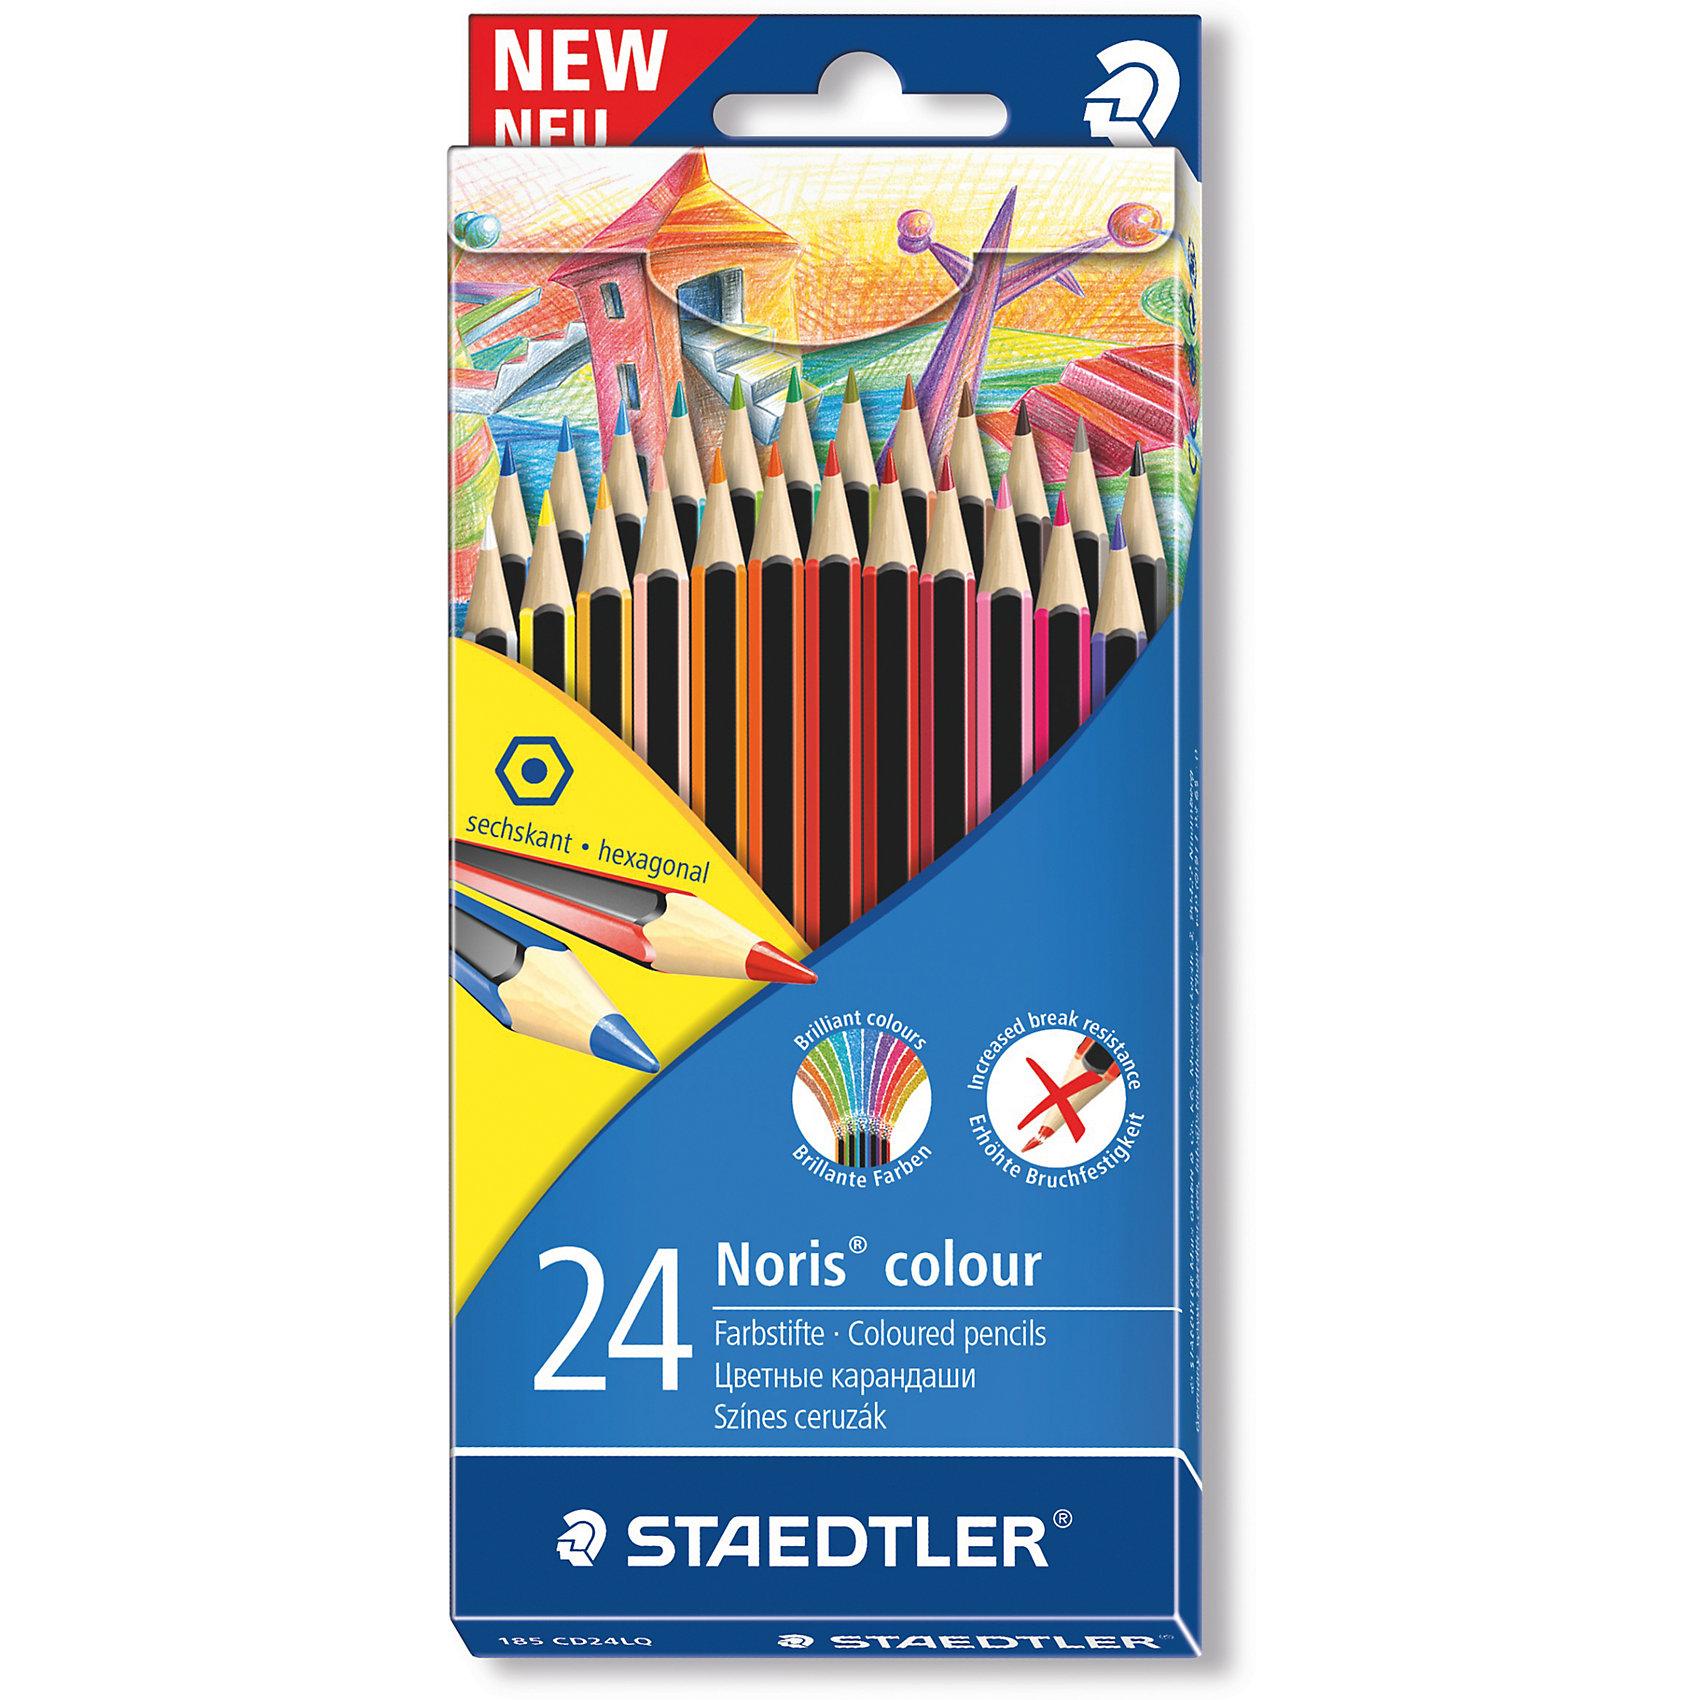 Карандаш цветной Noris Colour, набор 24 цвета, WopexЦветные карандаши Noris® Color 185 из инновационного материала Wopex. Сделаны из нового природного волокнистого материала: 70% древесины + пластиковый композит. Высокое качество письма, рисования, эскизов. Нескользящая, бархатистая поверхность; особенно ударопрочный корпус и грифель; гладкое письмо. Инновационный, однородный материал Wopex обеспечивает исключительно гладкую и ровную заточку с любым качеством точилки. Текст и рисунки легко стереть. Картонная упаковка - 24 цвета. Карандаши уложены в 2 ряда.<br><br>Ширина мм: 9999<br>Глубина мм: 9999<br>Высота мм: 9999<br>Вес г: 9999<br>Возраст от месяцев: 36<br>Возраст до месяцев: 2147483647<br>Пол: Унисекс<br>Возраст: Детский<br>SKU: 5529978